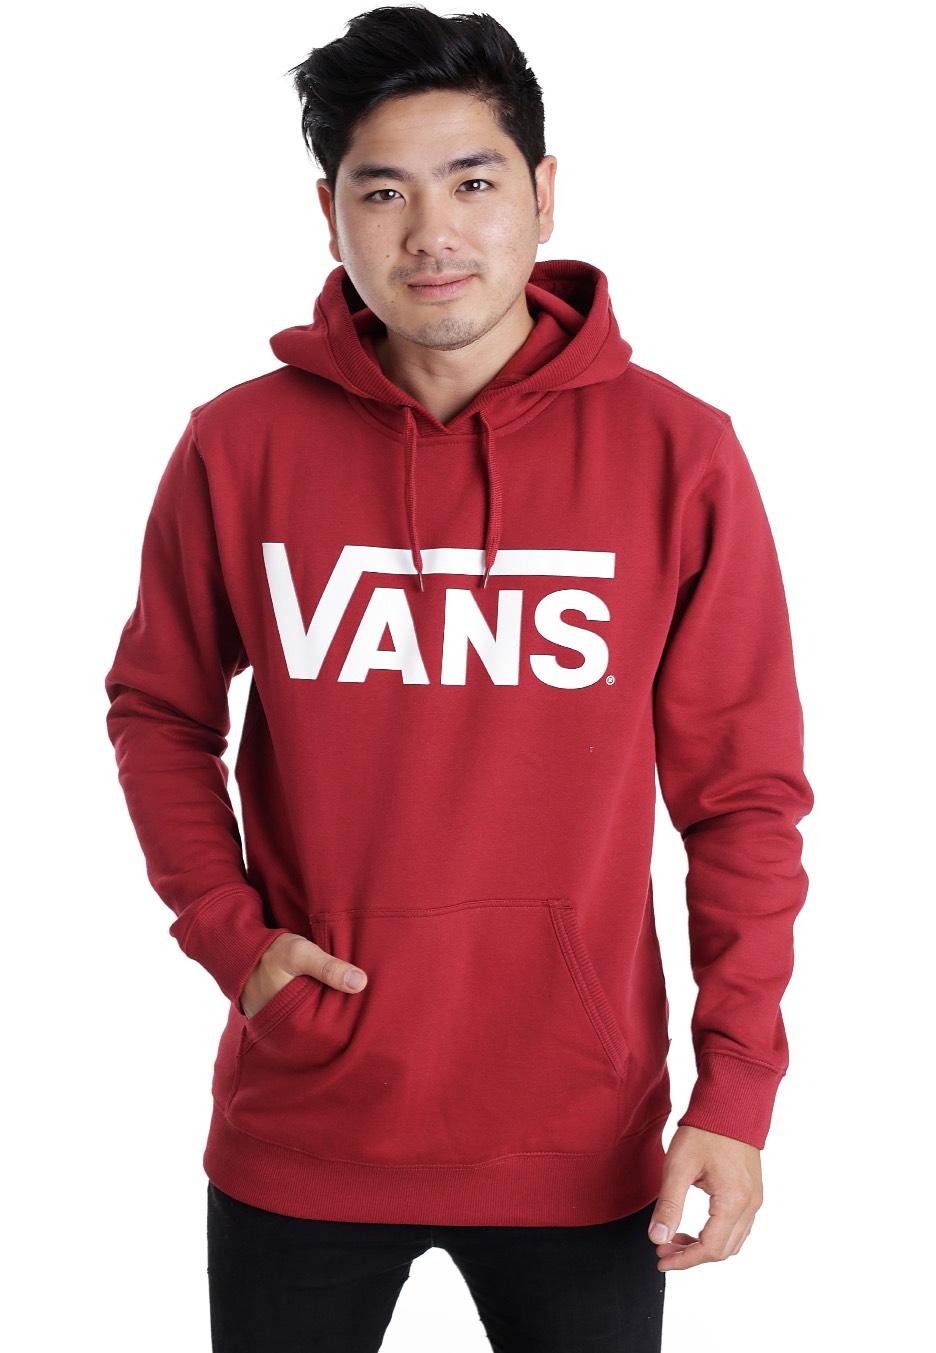 Van hoodies